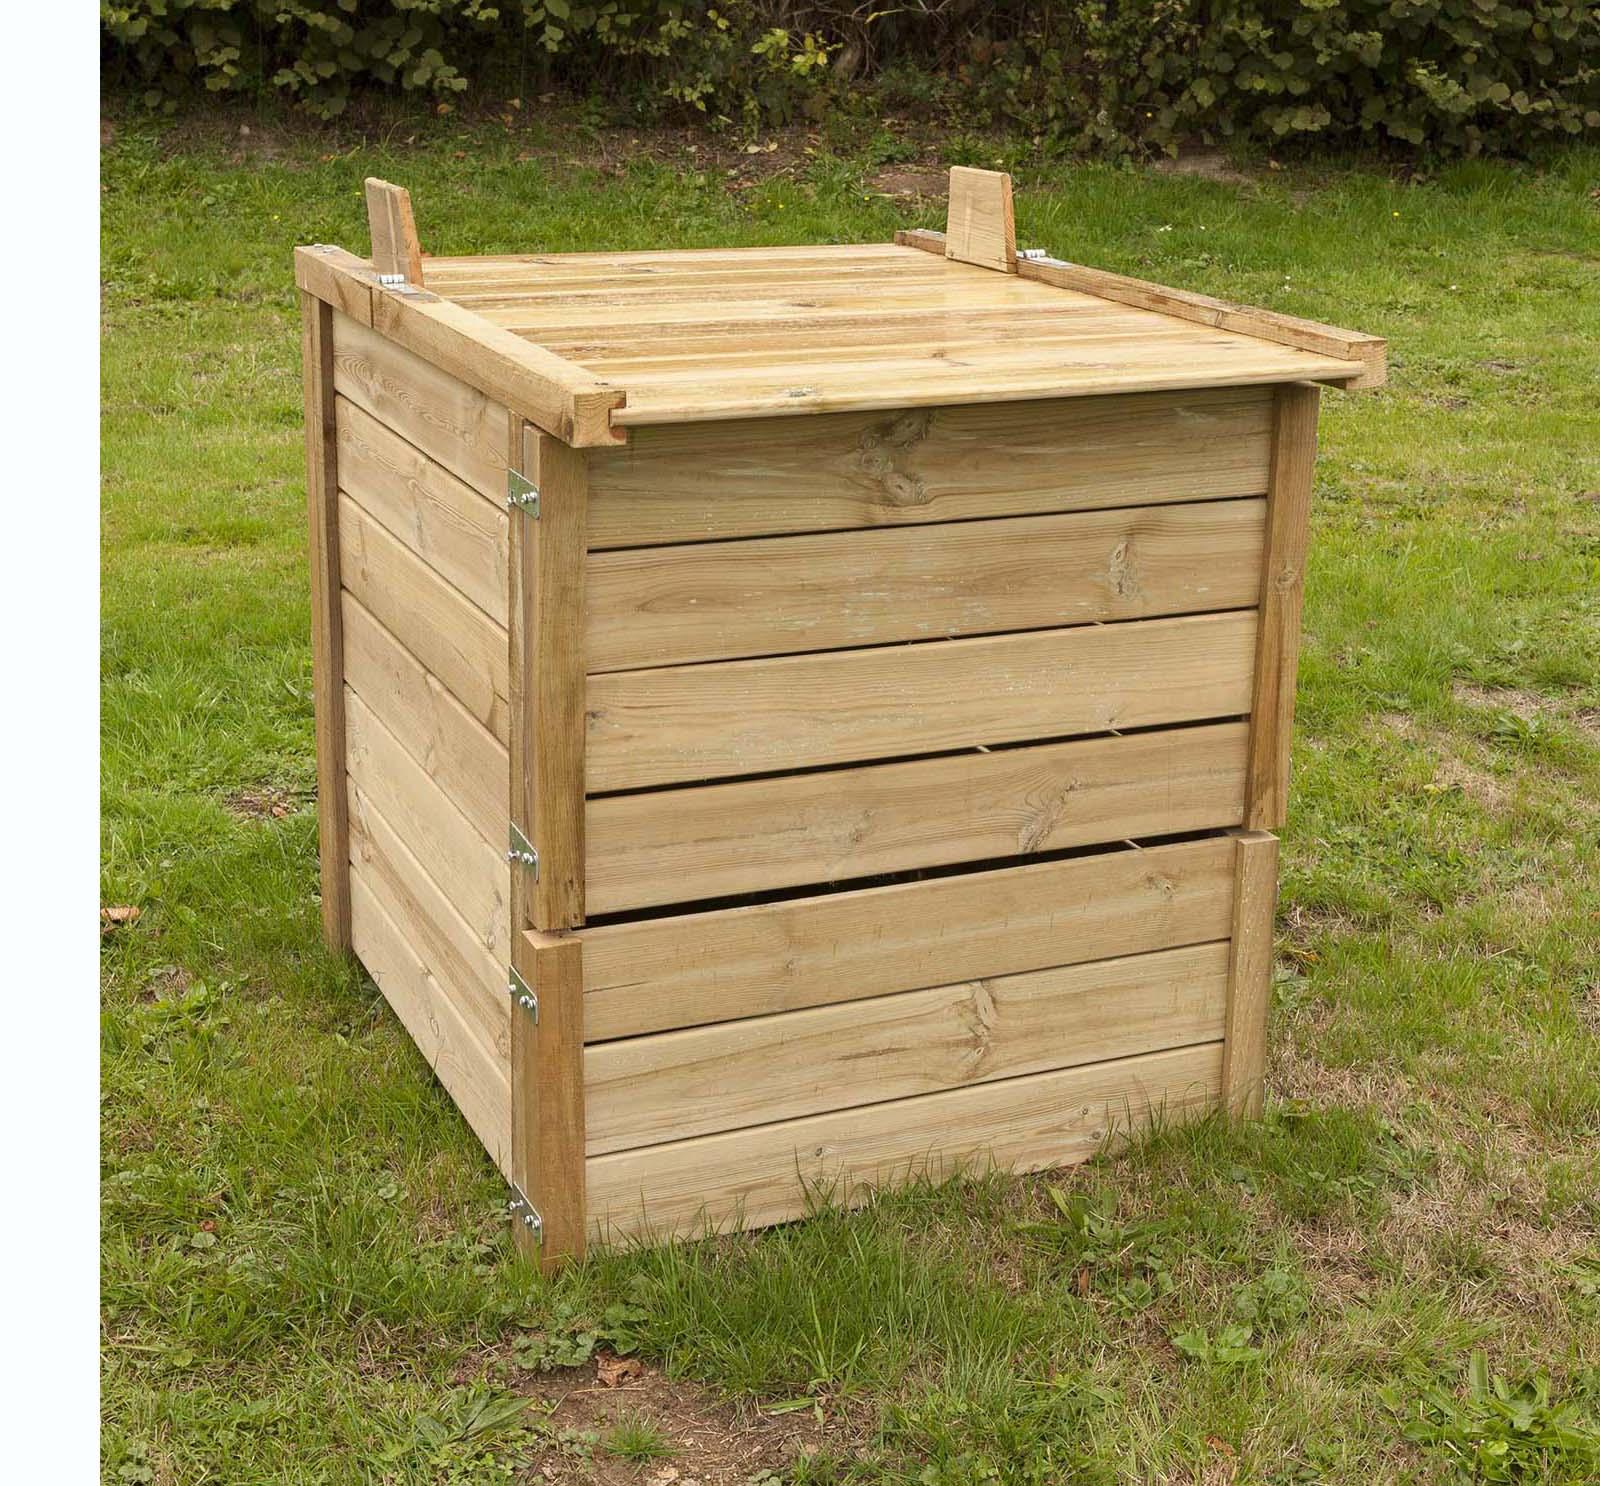 Petit Composteur : De Grands Avantages ! - Jardindeco dedans Composteur De Jardin